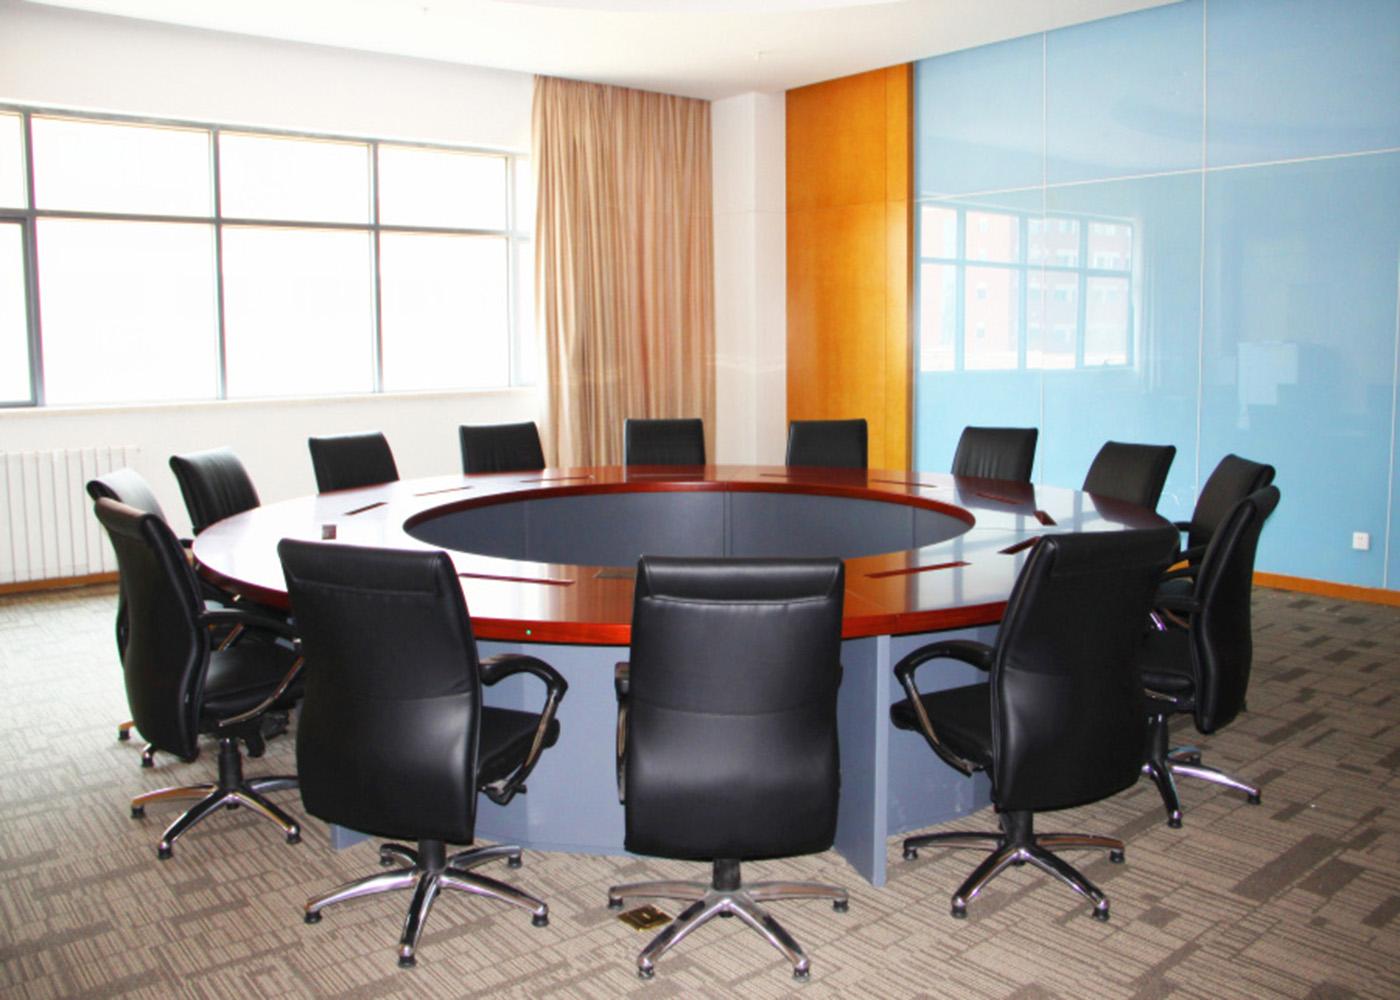 雷蒂斯会议桌A06,上海会议桌,【尺寸 价格 图片 品牌】